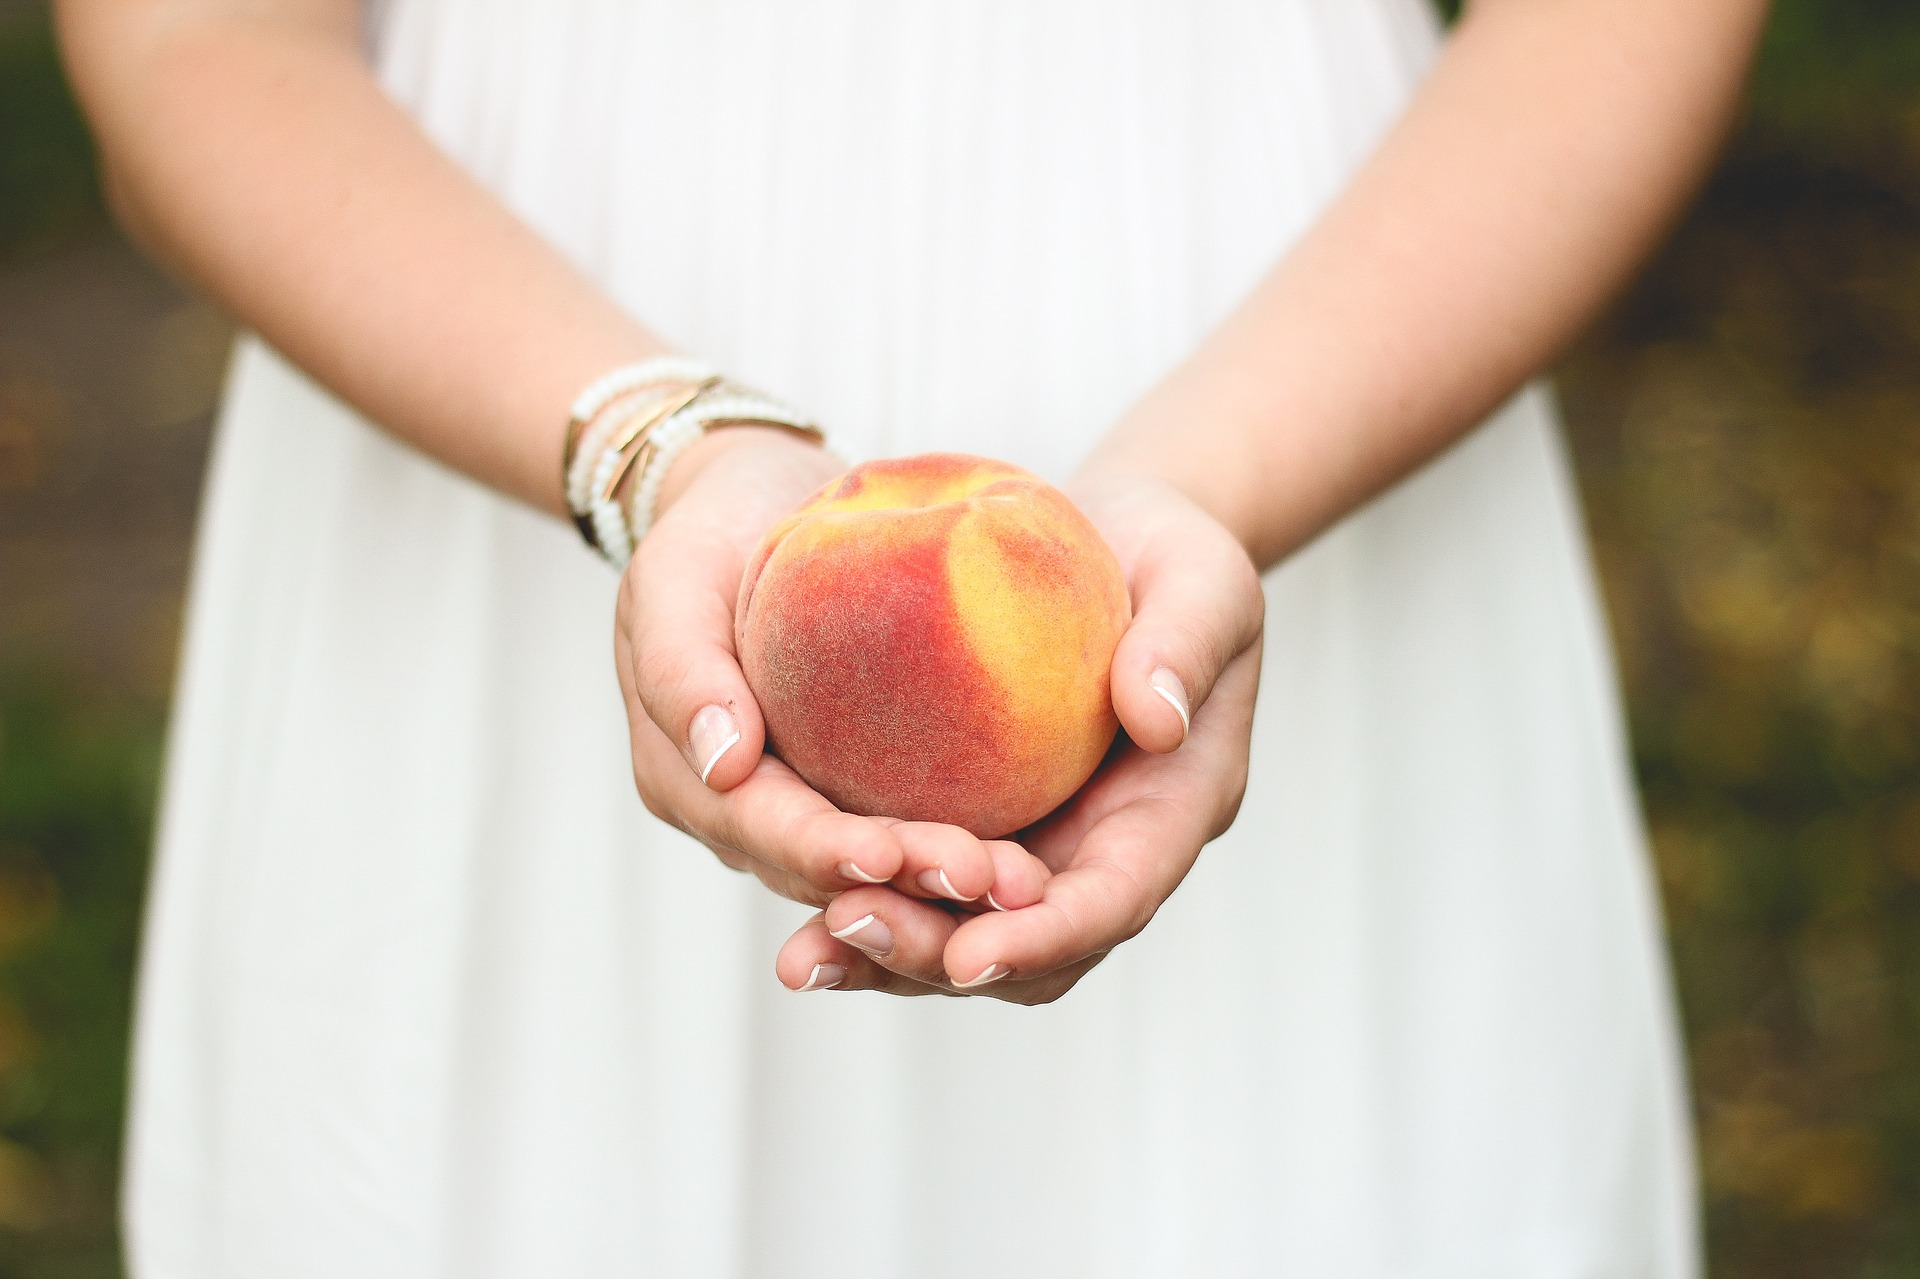 夢占いで桃が意味するサインは?桃が夢に出てきた夢の意味を